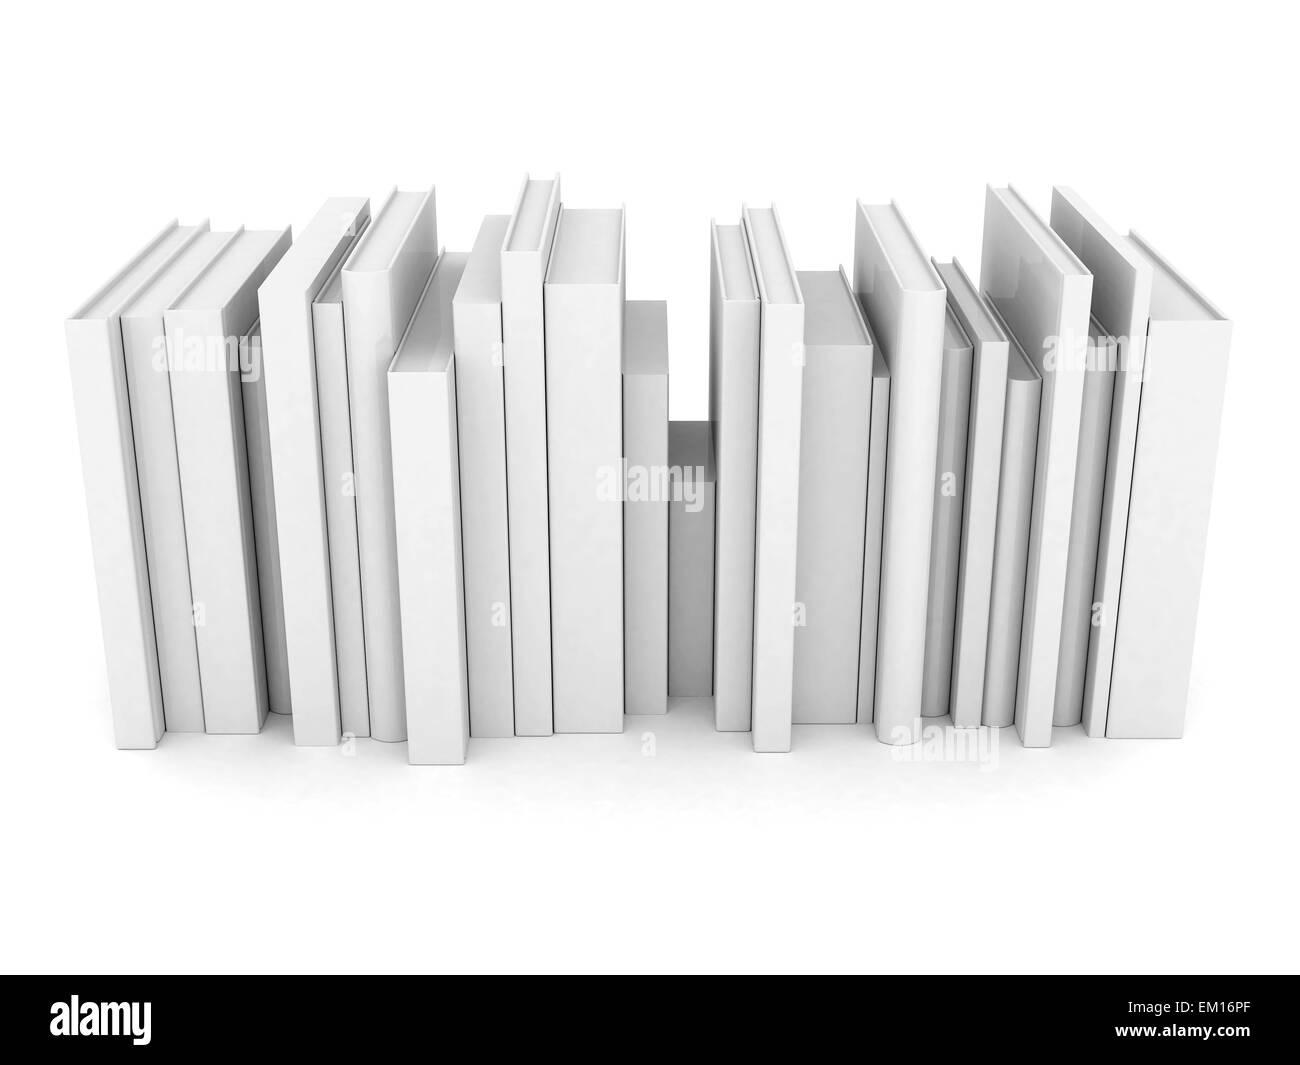 mise en page de livres Photo Stock